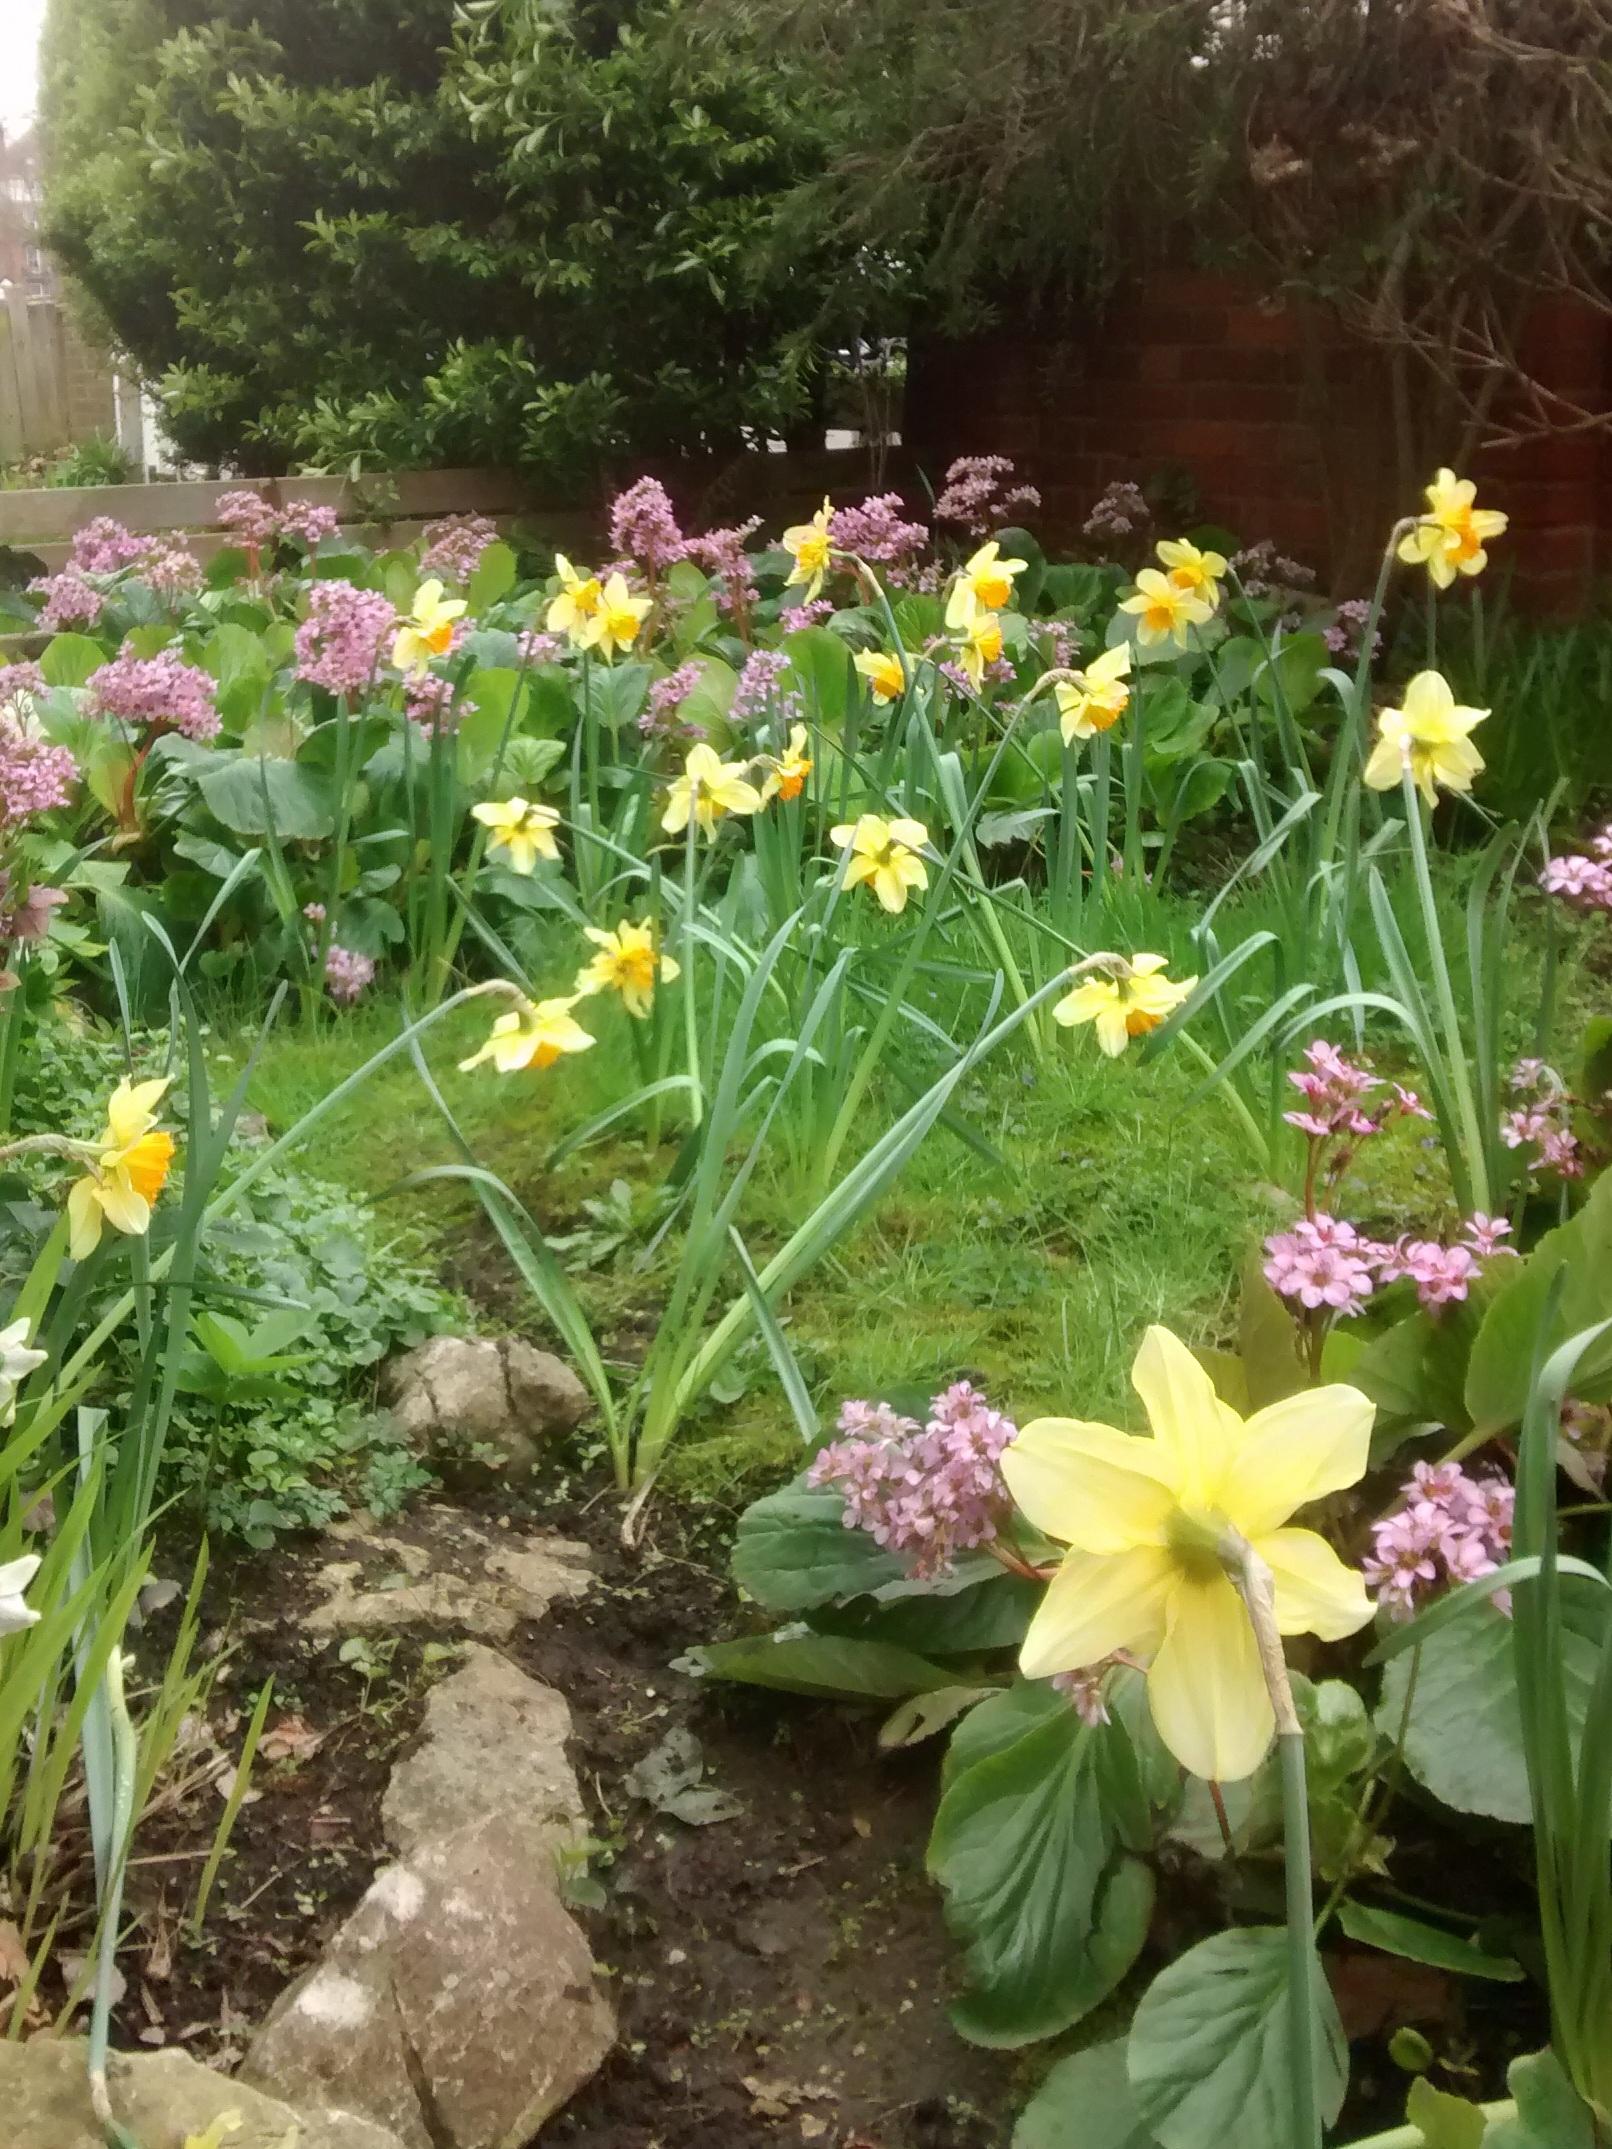 L'esempio dei Narcisi - Sono tra i primi fiori ad annunciare la primavera. Un improvvisa esplosione di colore. Richiedono poche cure ma devono essere piantati a Novembre.